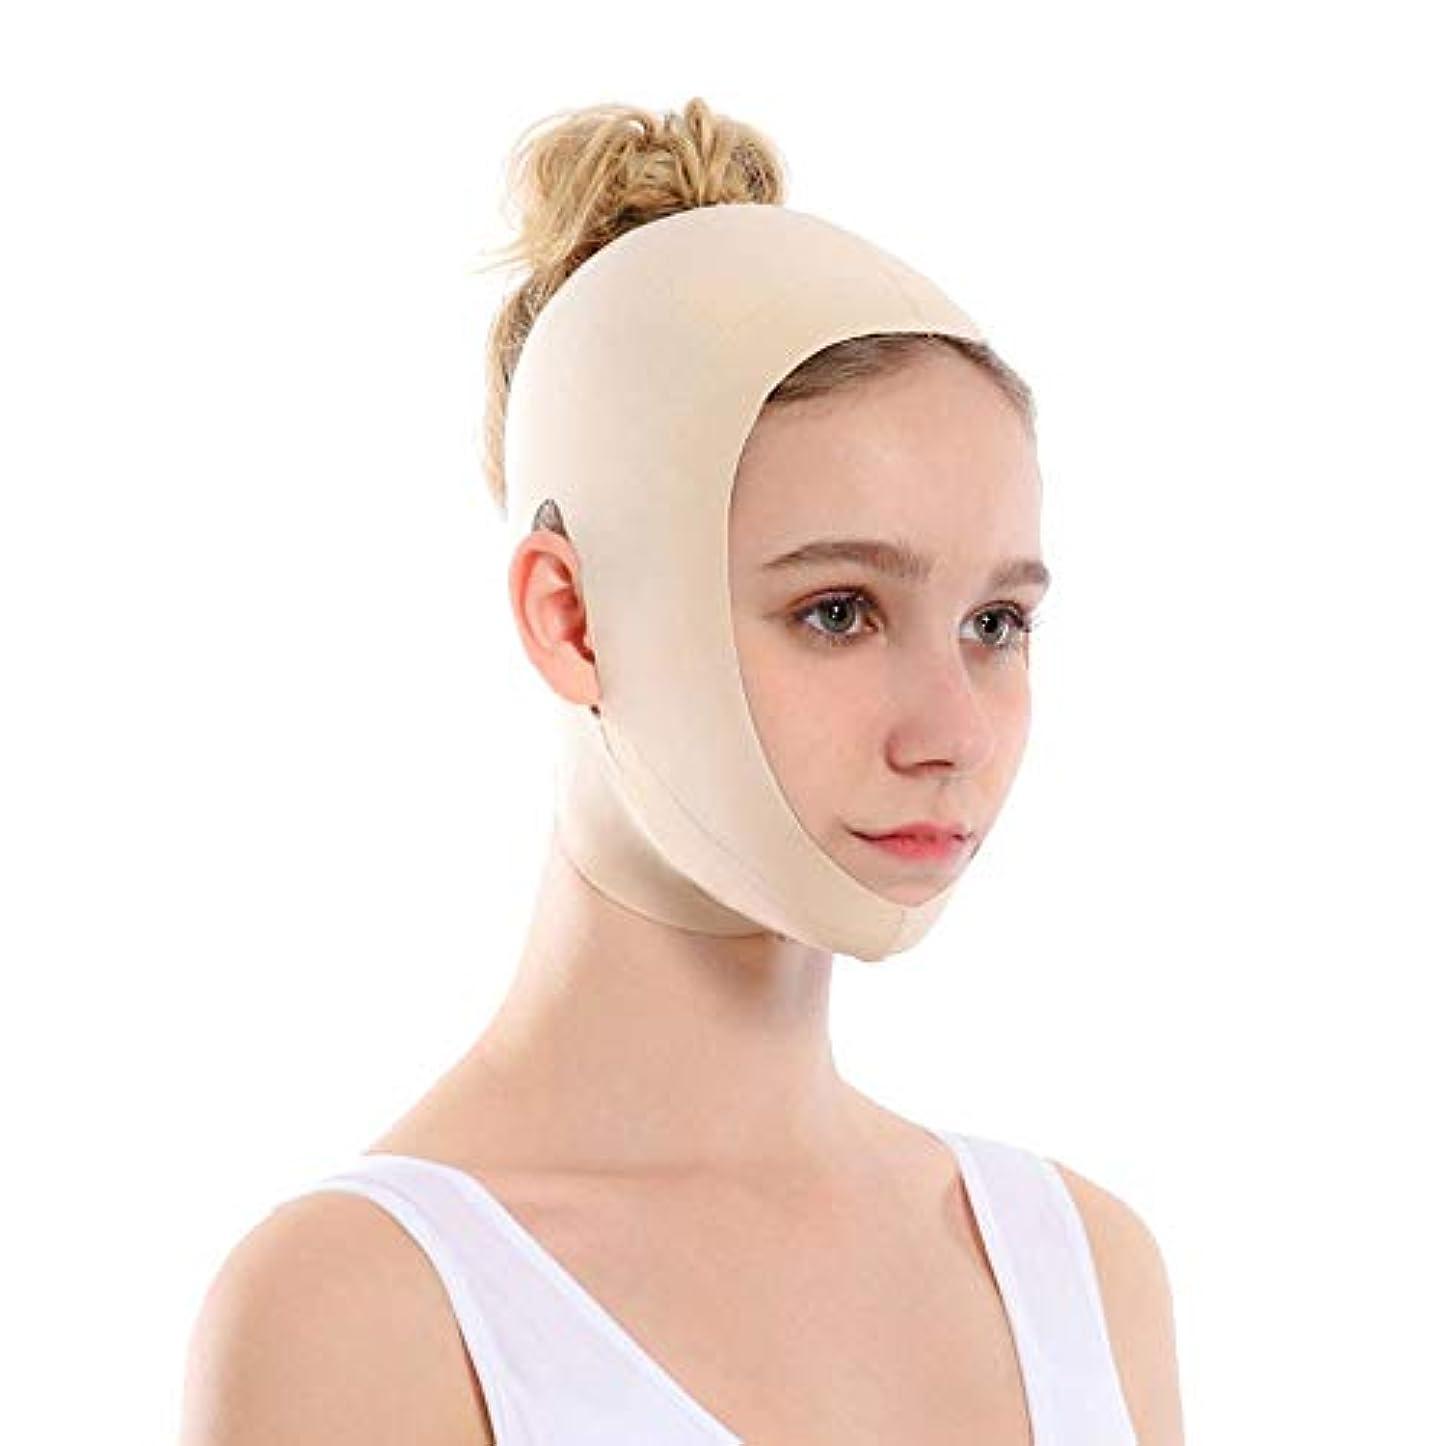 アラブサラボ剥ぎ取る悪行顔を持ち上げるアーティファクトVフェイス包帯リフティング引き締め睡眠薄い顔を整形持ち上げる顔を二重あご矯正 - 肌の色